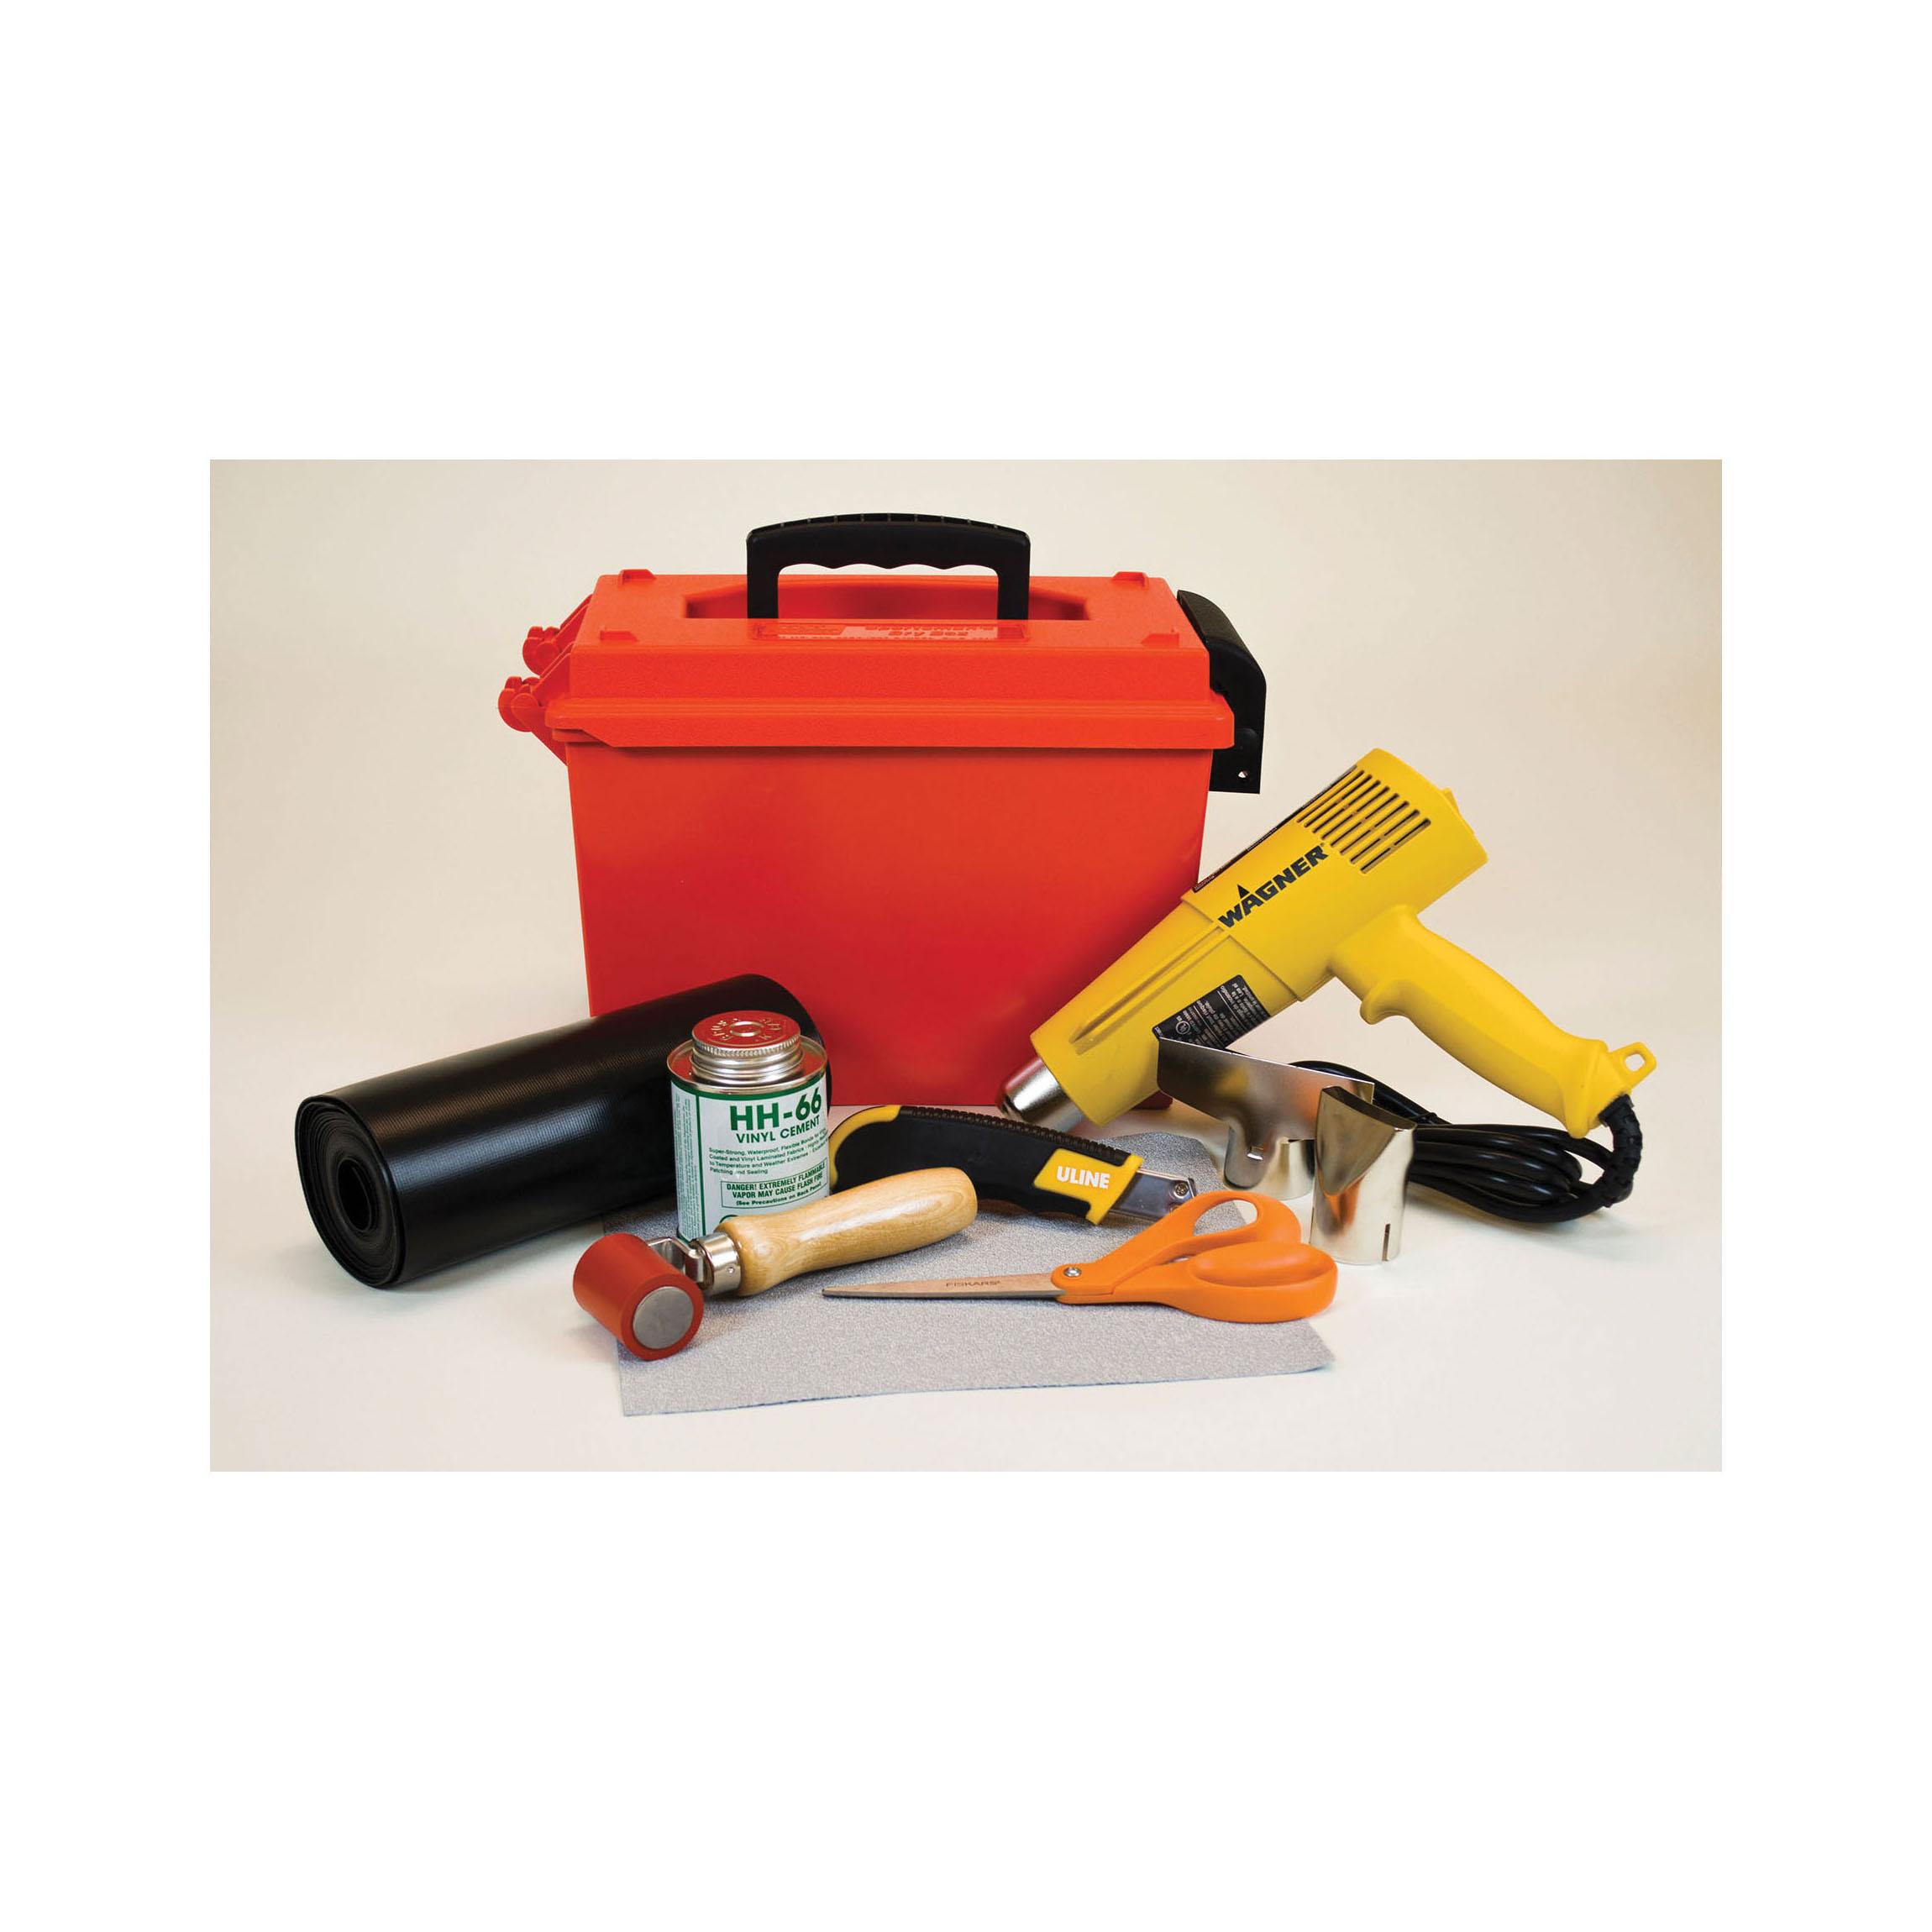 Justrite® 28328 Berm Repair Kit